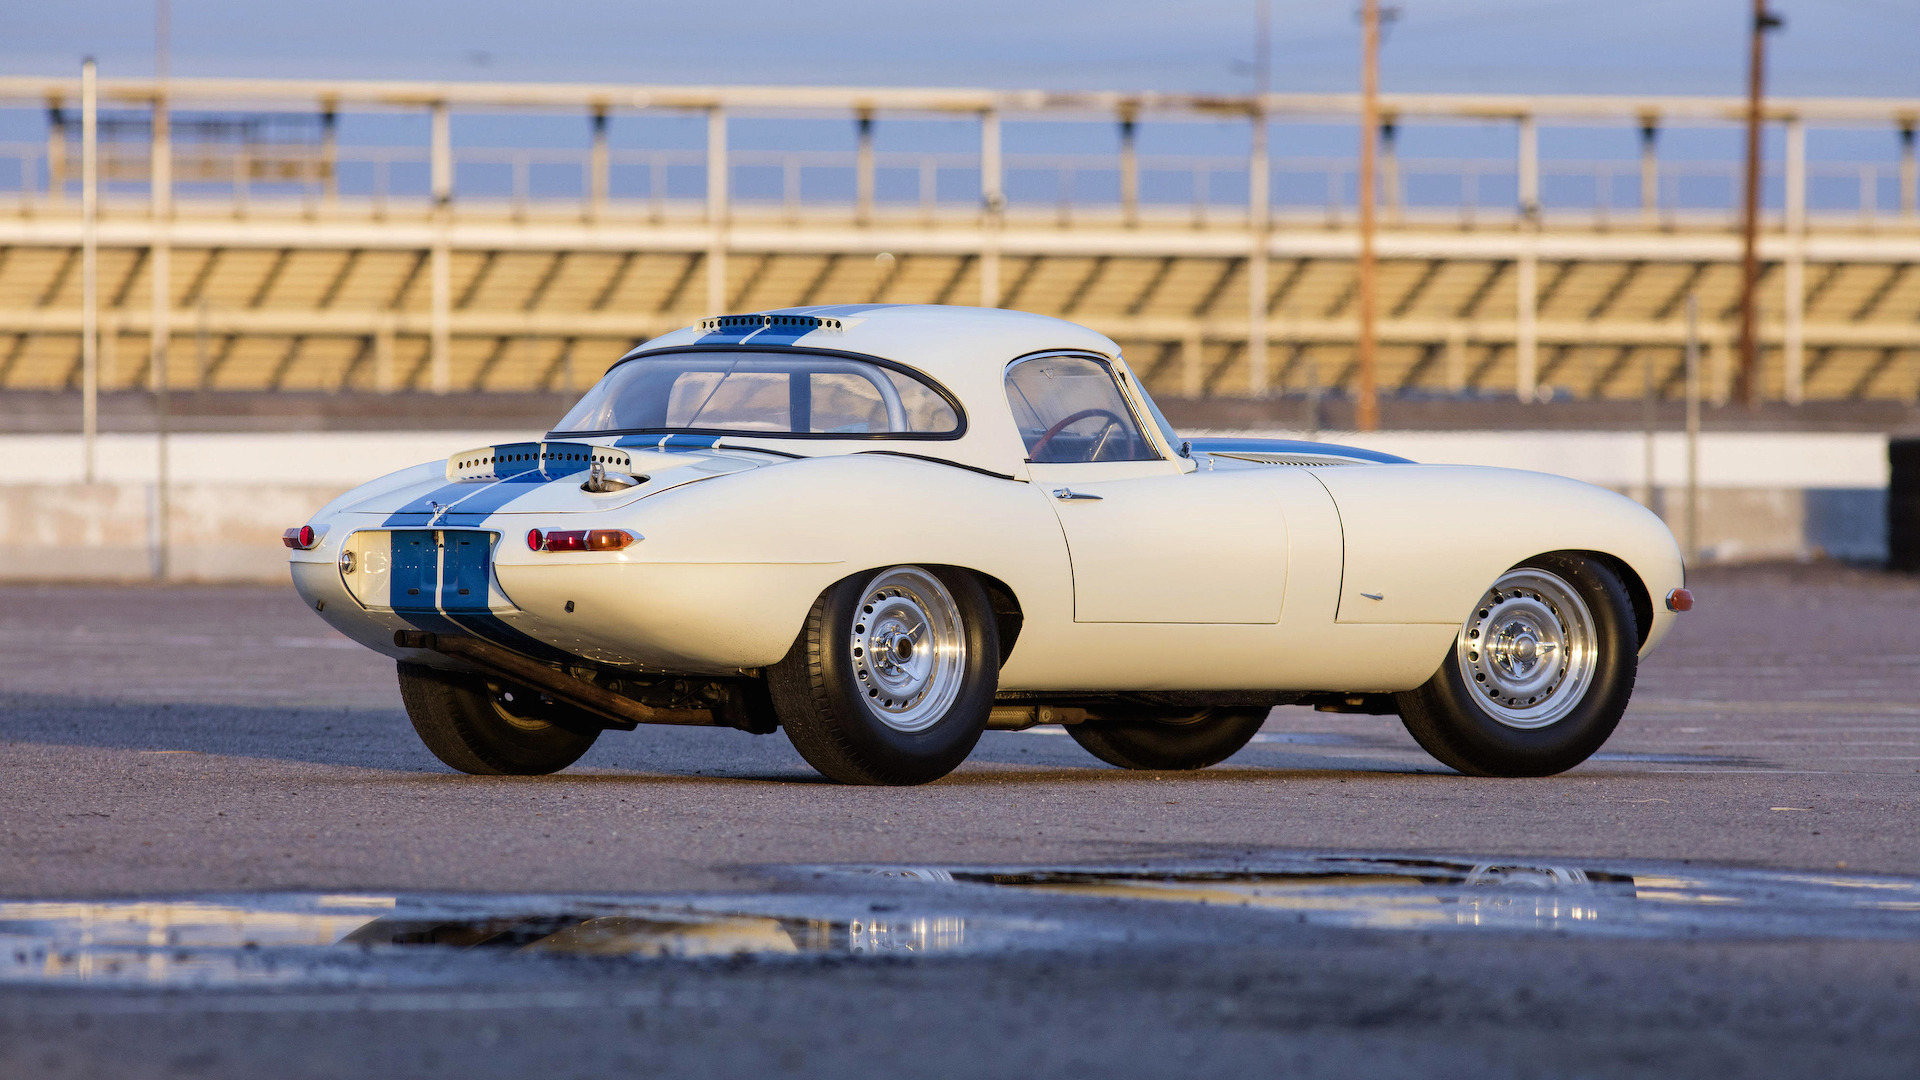 1963 jaguar e type lightweight auction 1 - Enchere voiture la plus chere pour la marque voiture anglaise Jaguar